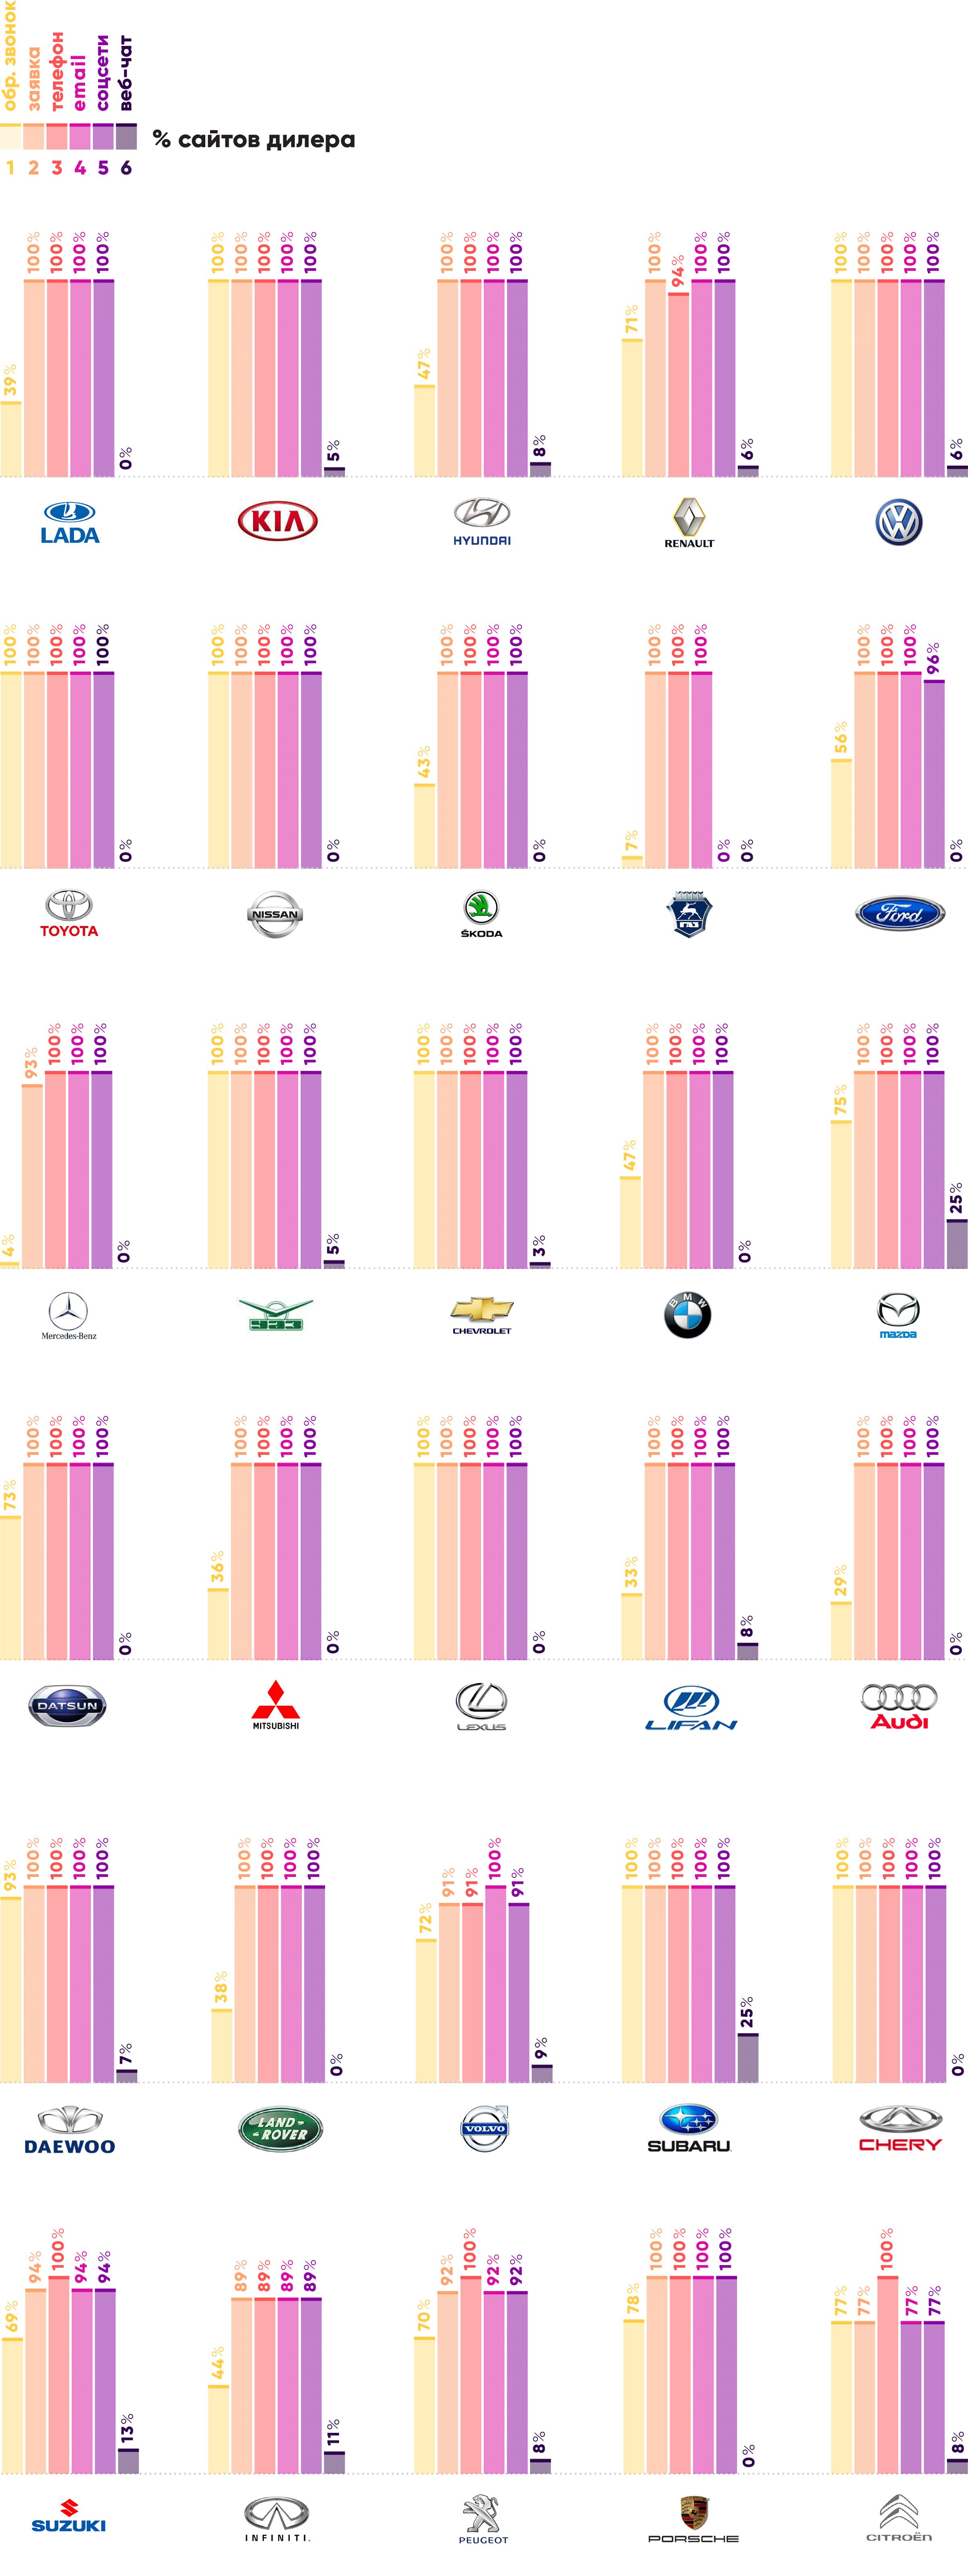 Способы связи на сайтах дилеров самых продаваемых марок в РФ